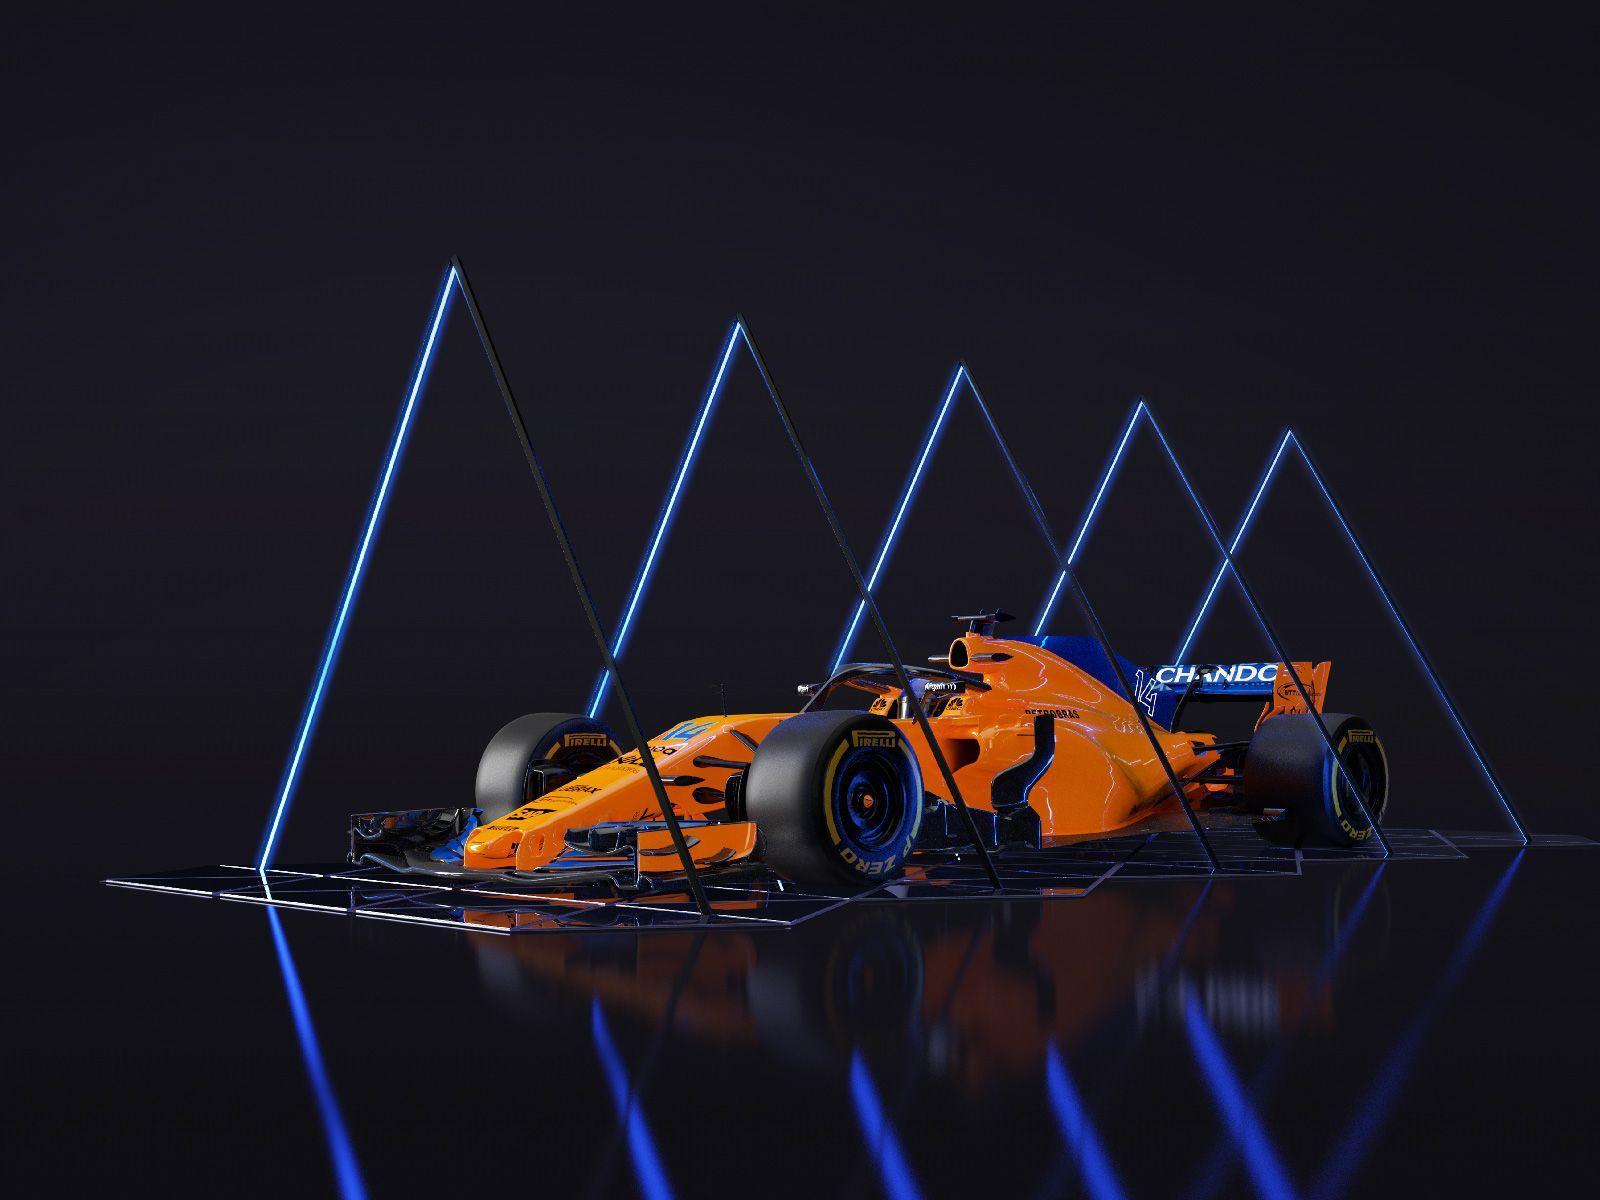 Mclaren F1 Wallpapers Top Free Mclaren F1 Backgrounds Wallpaperaccess